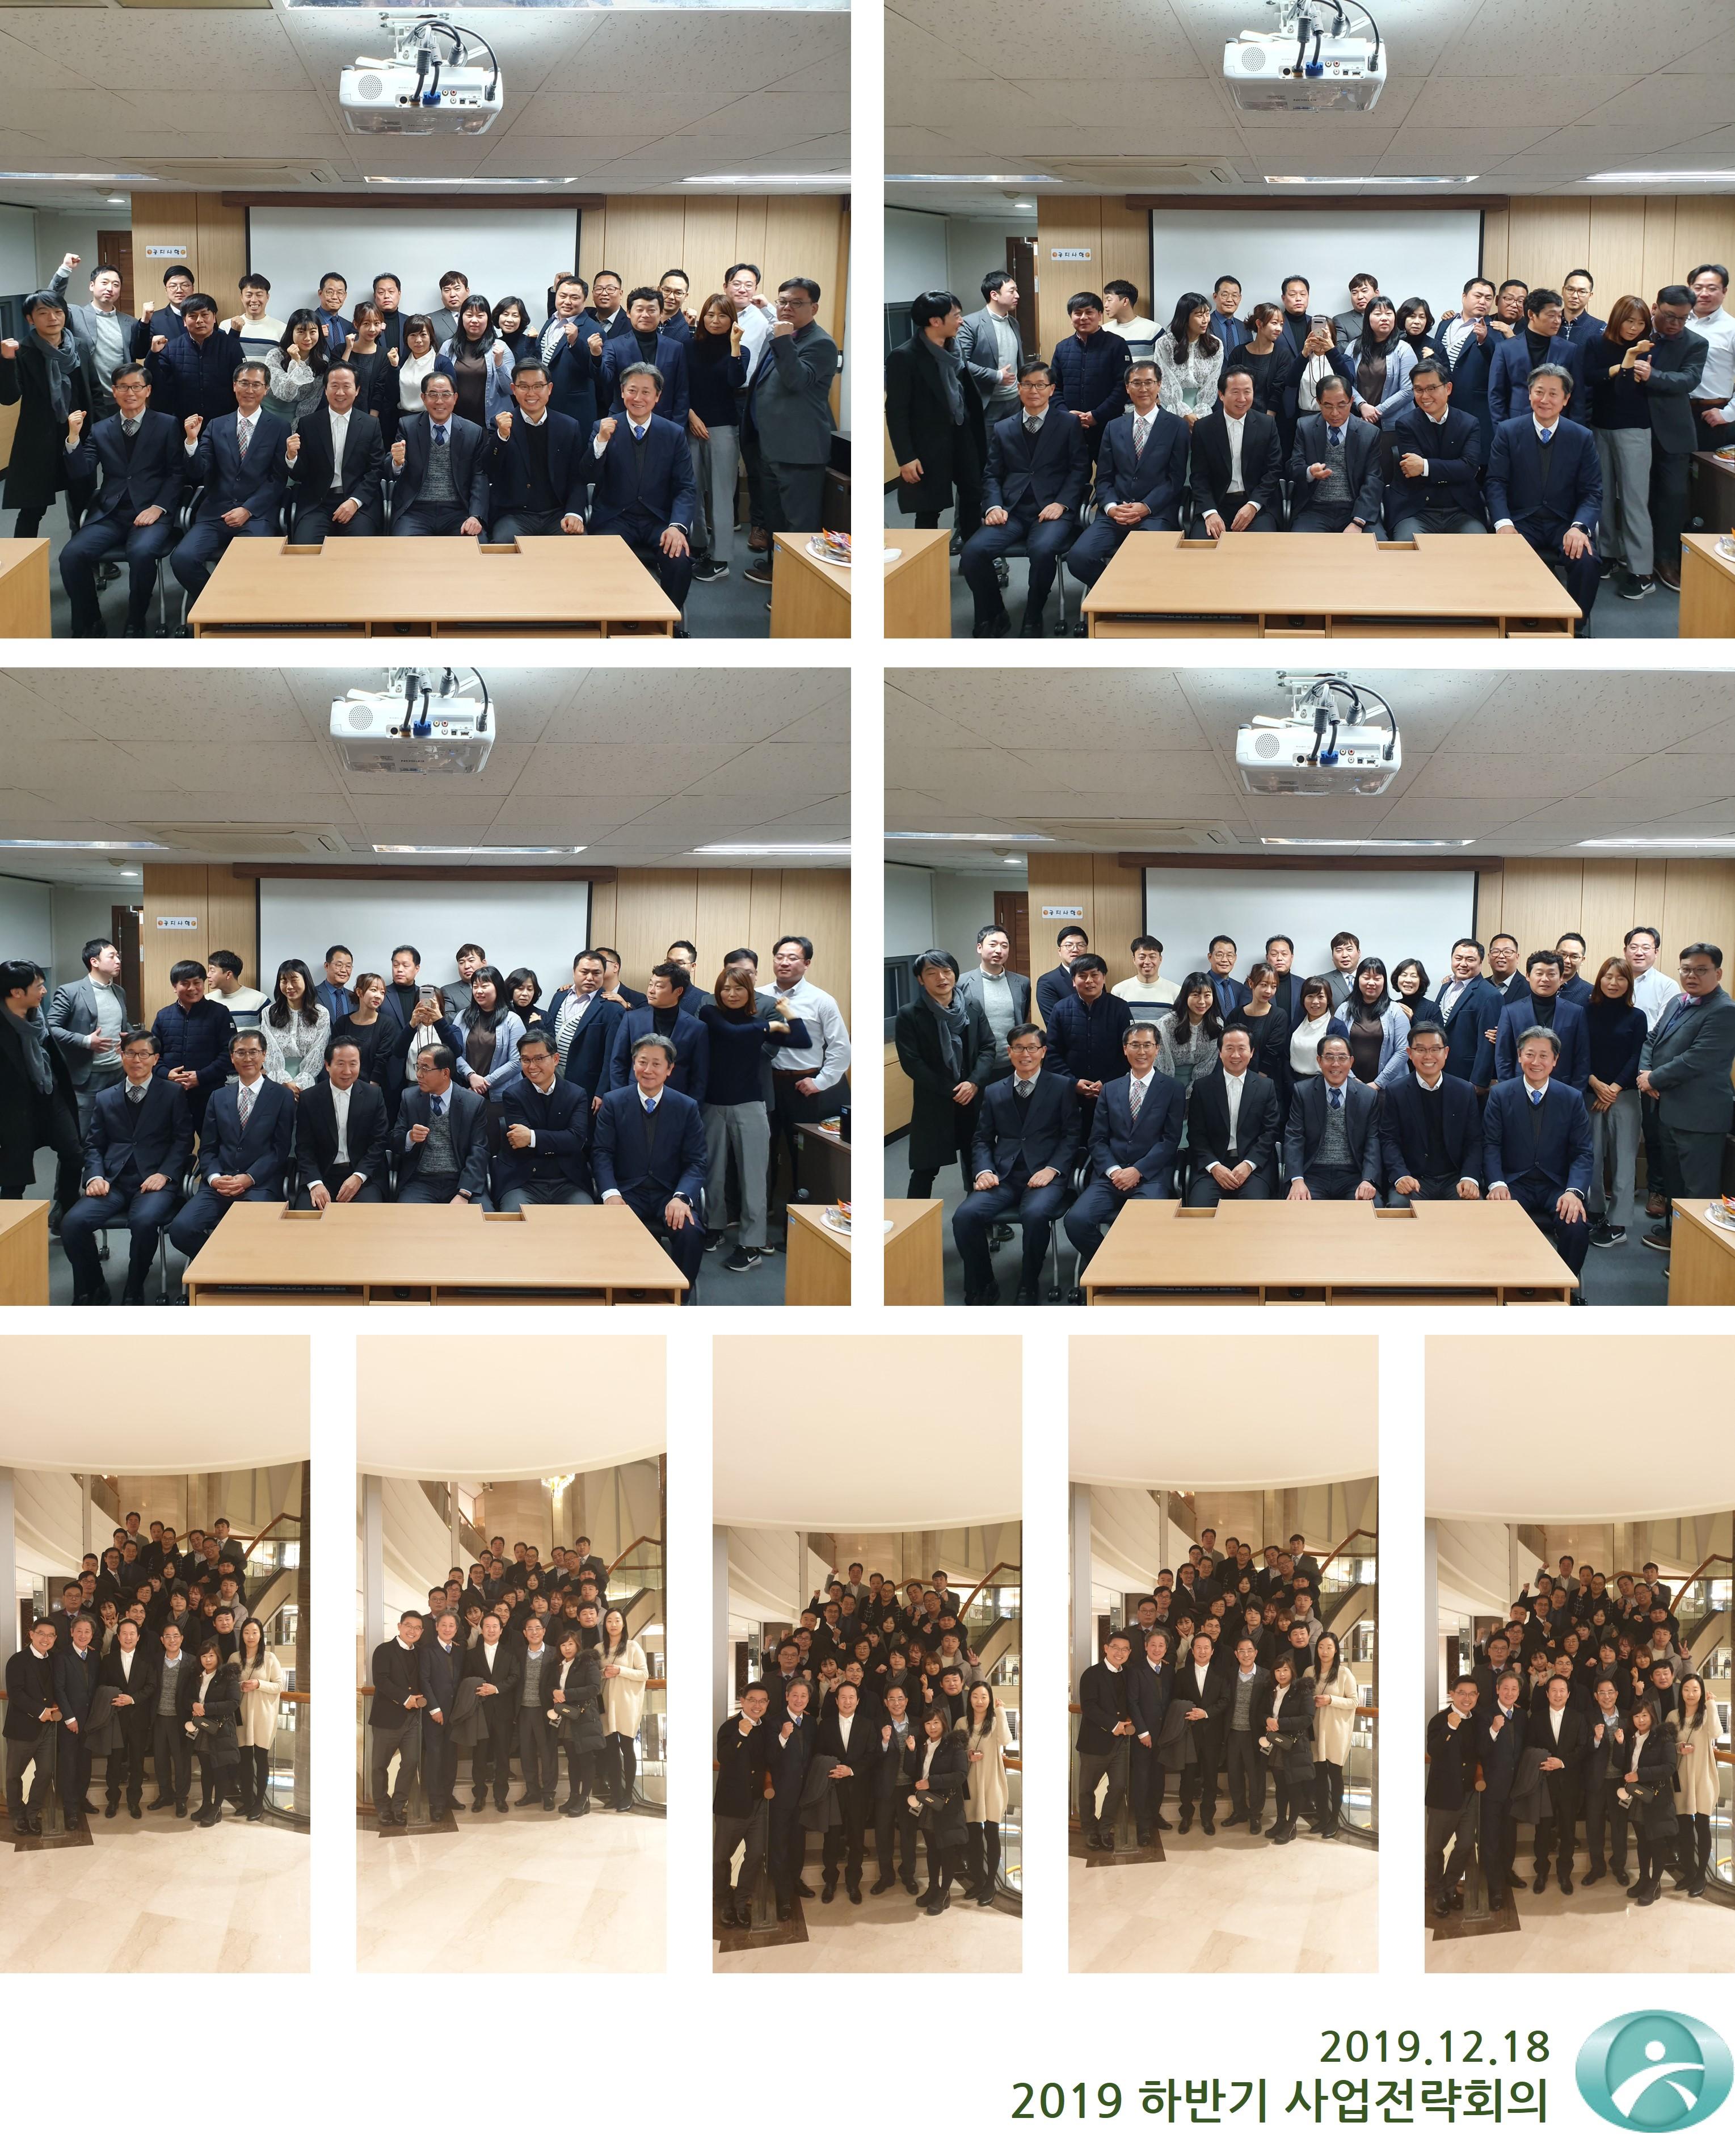 [2019.12.18] 2019 하반기 사업전략회의